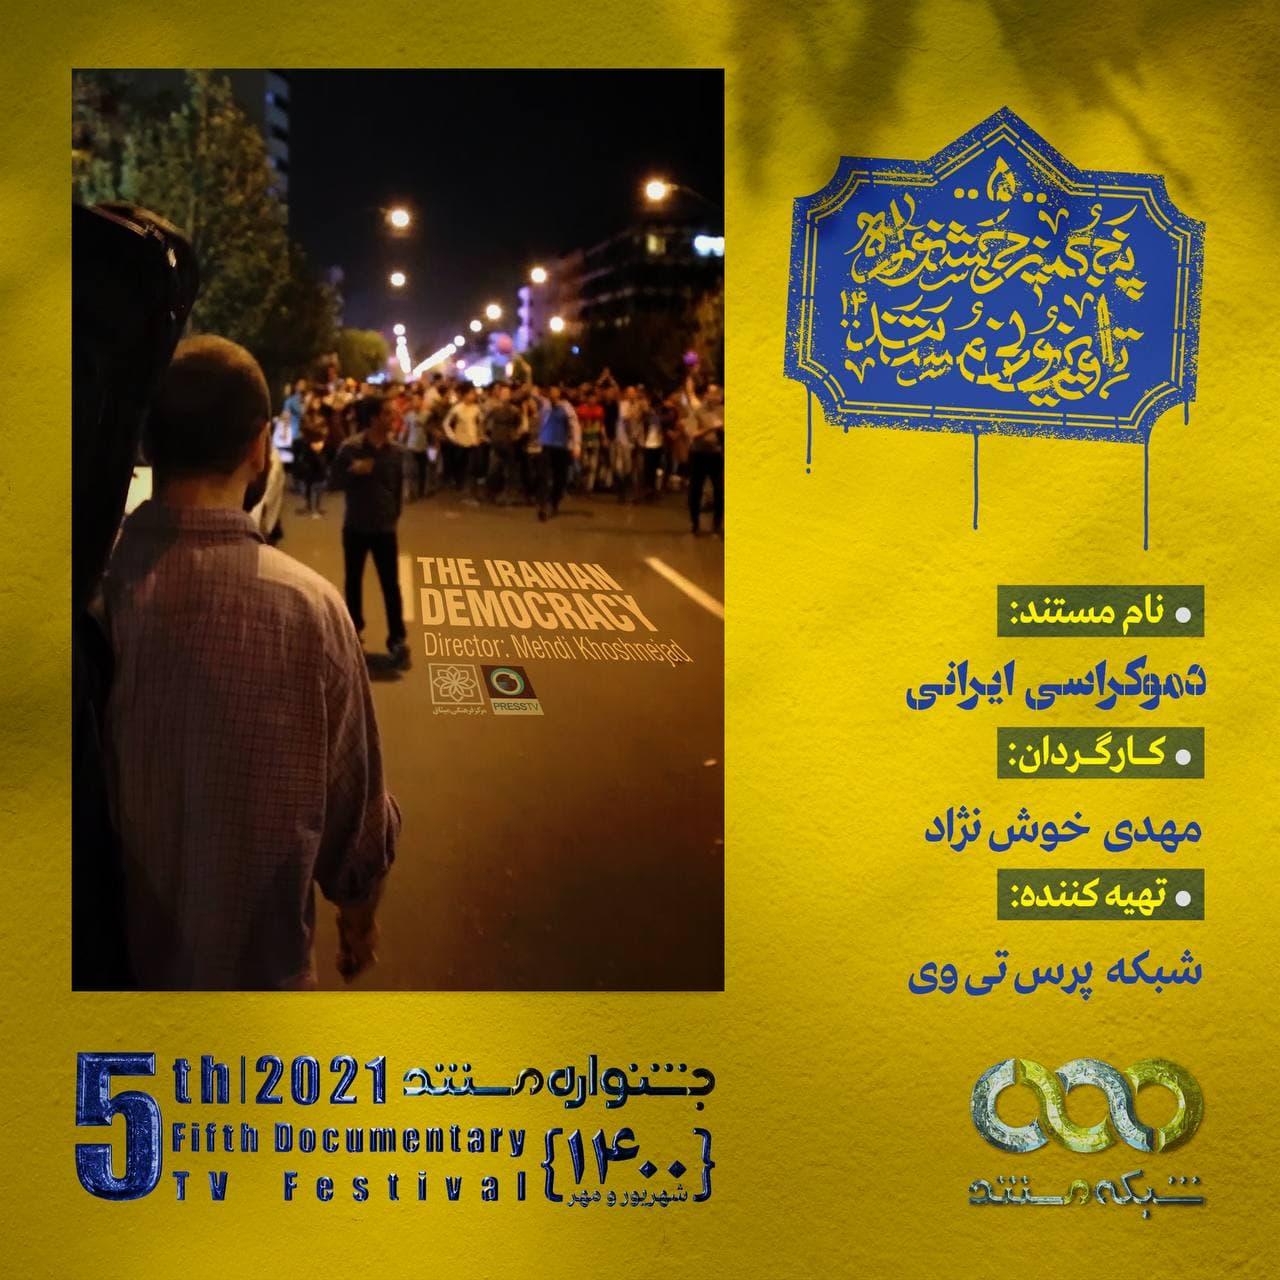 نقد مستند «دموکراسی ایرانی»